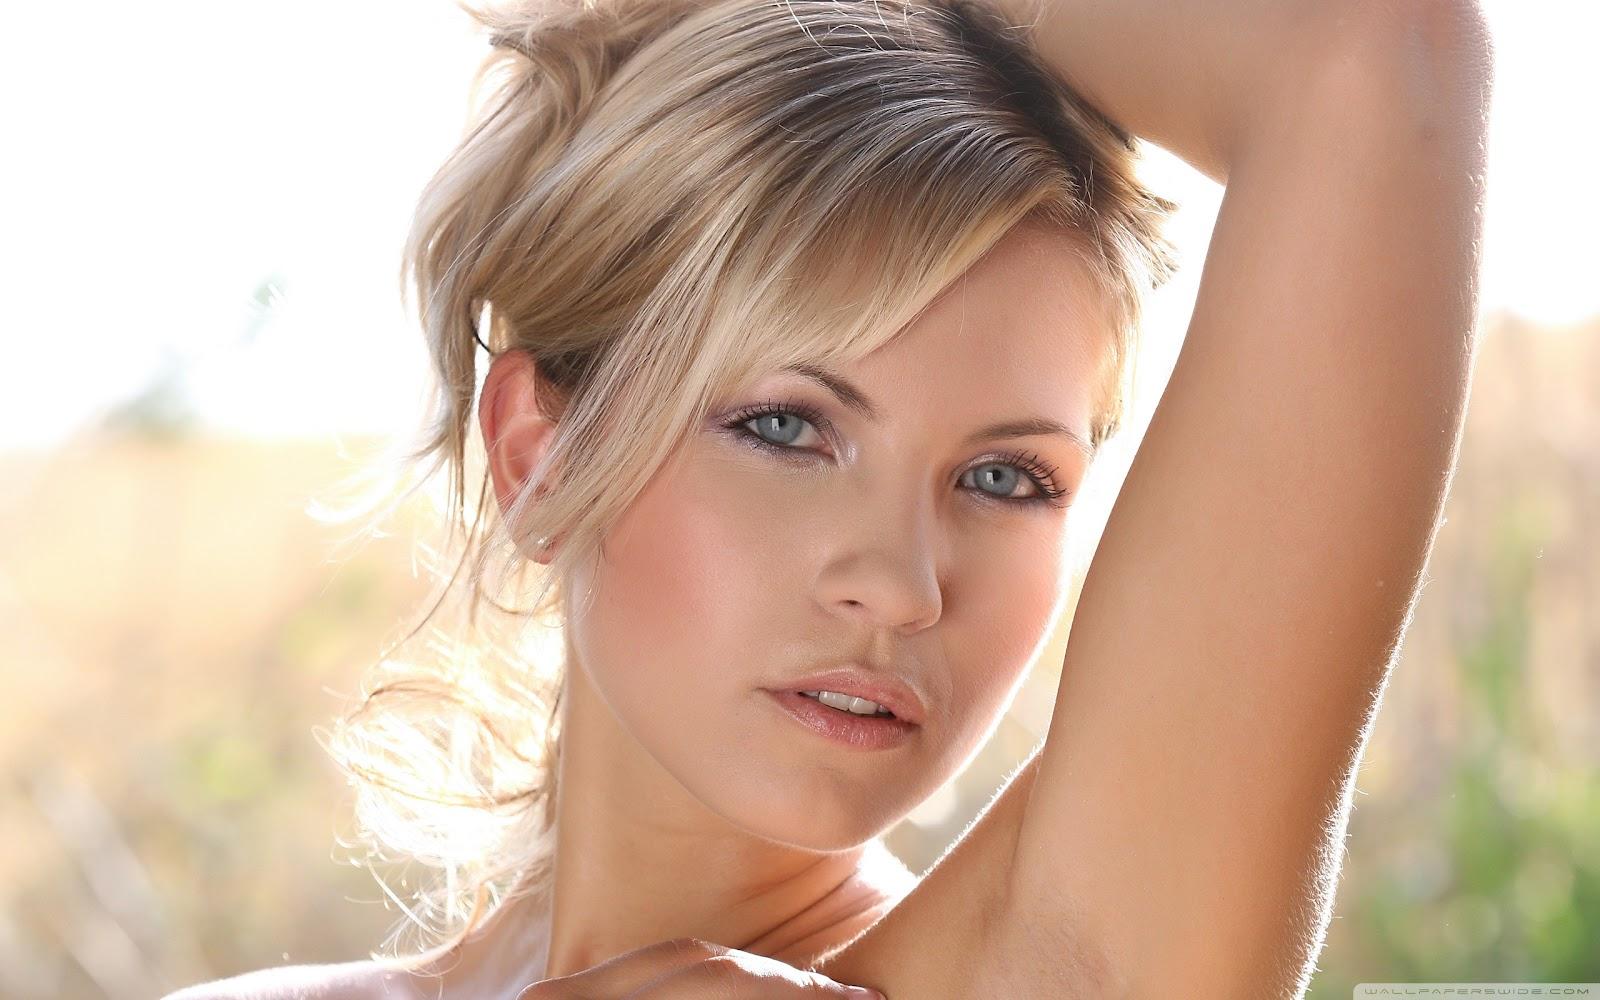 blonde hair blue eyes naked girls